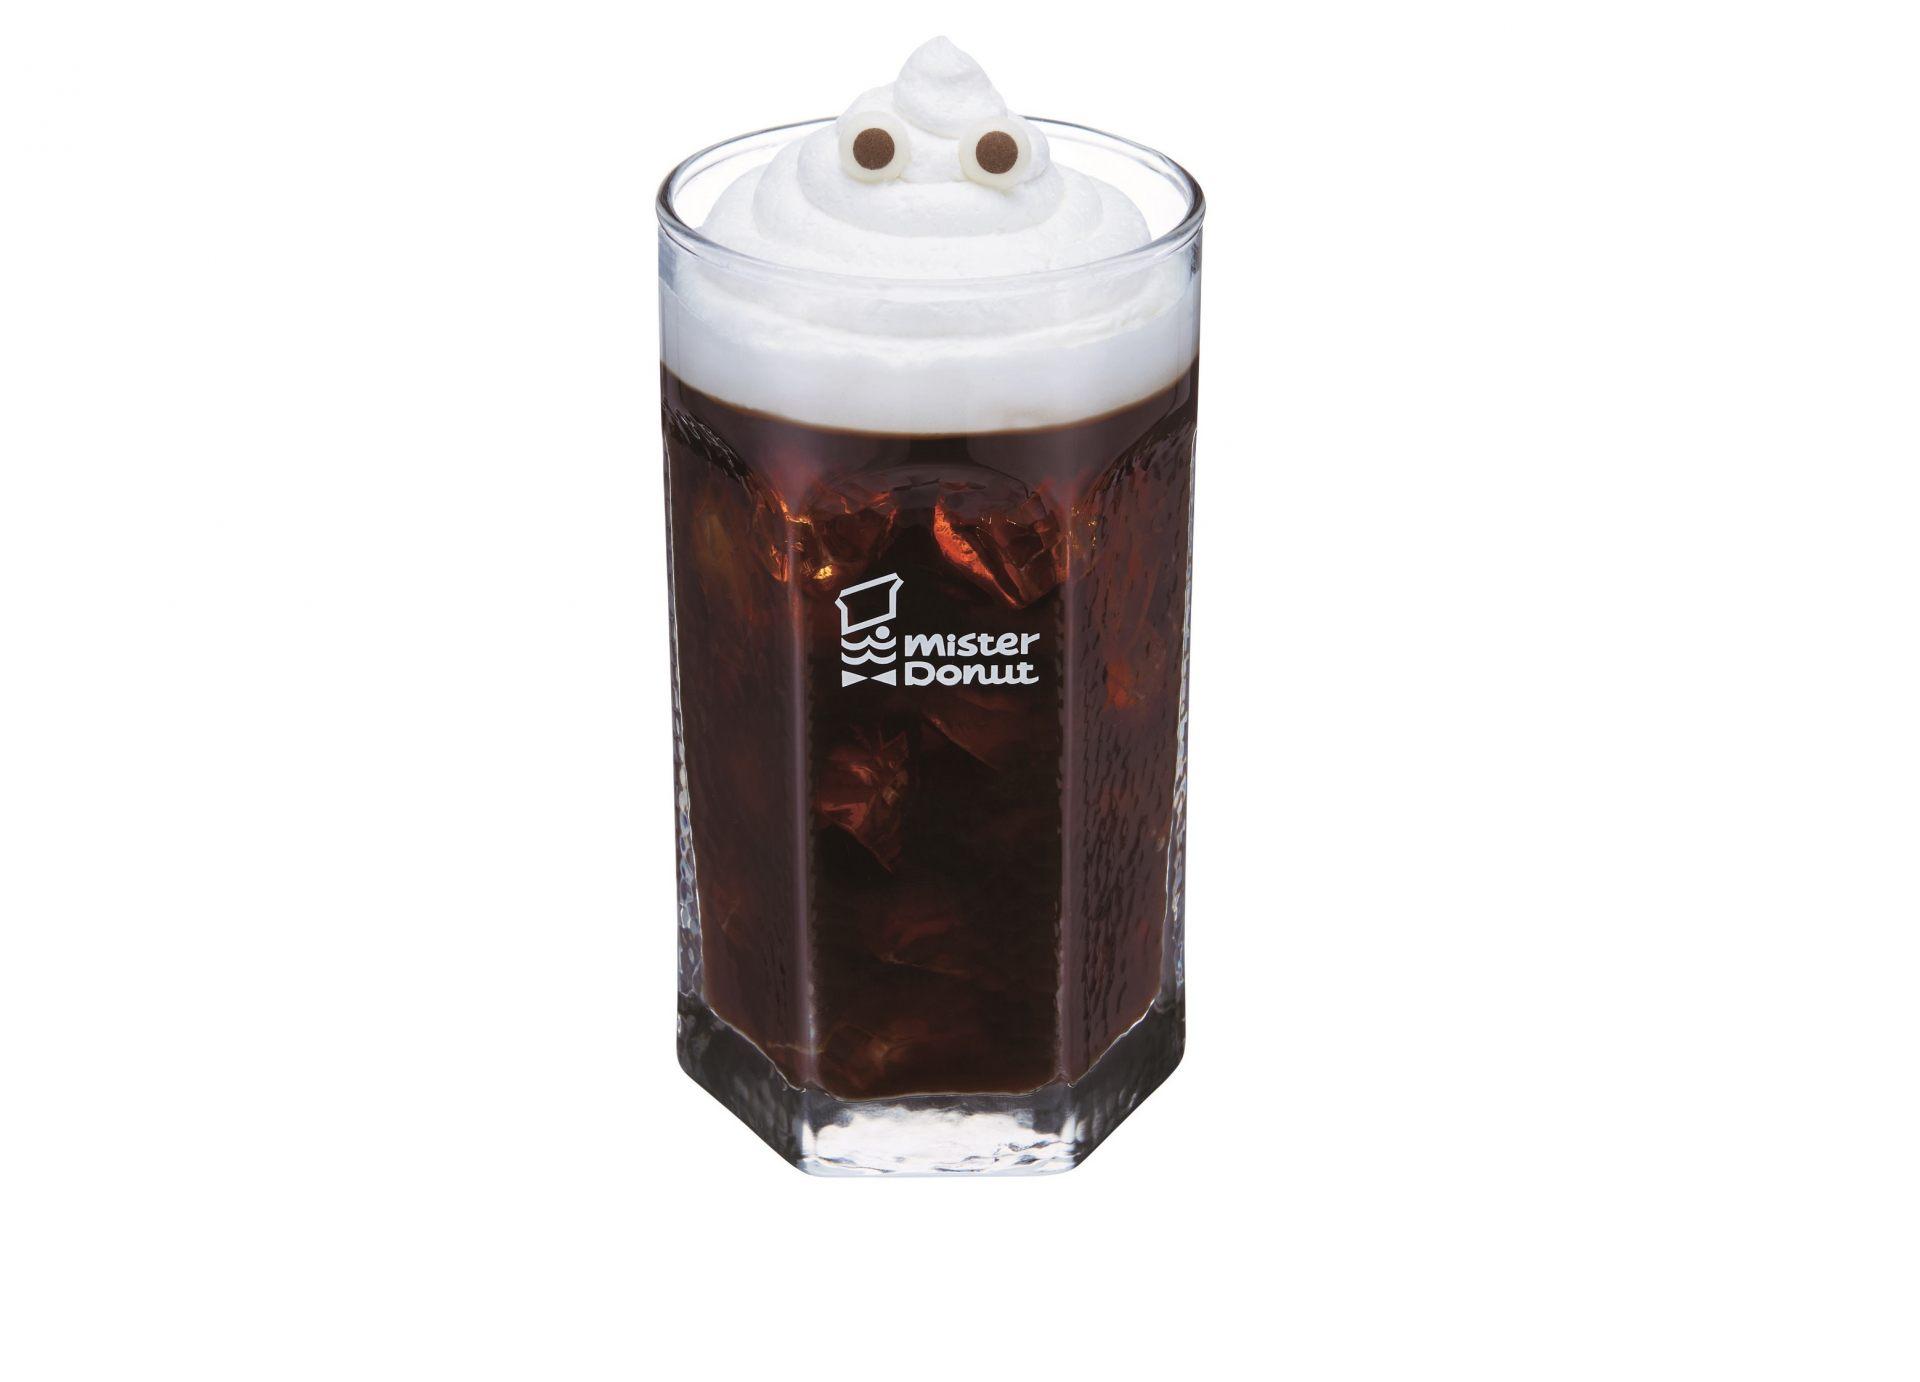 冰咖啡的COFFEE(302日圆)